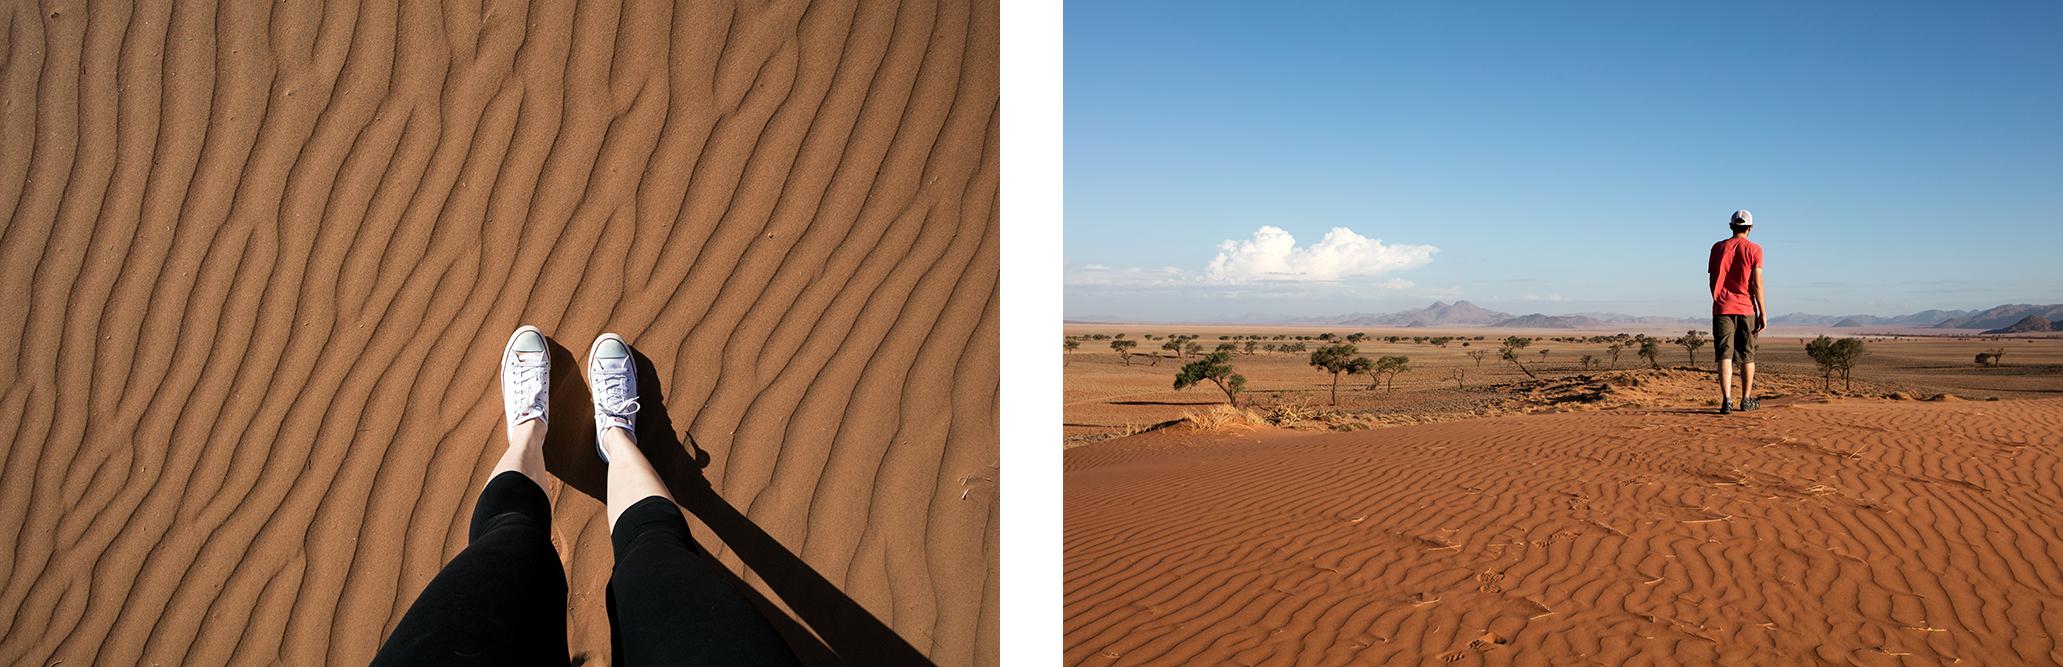 rando-namibie-namibrand-dunes